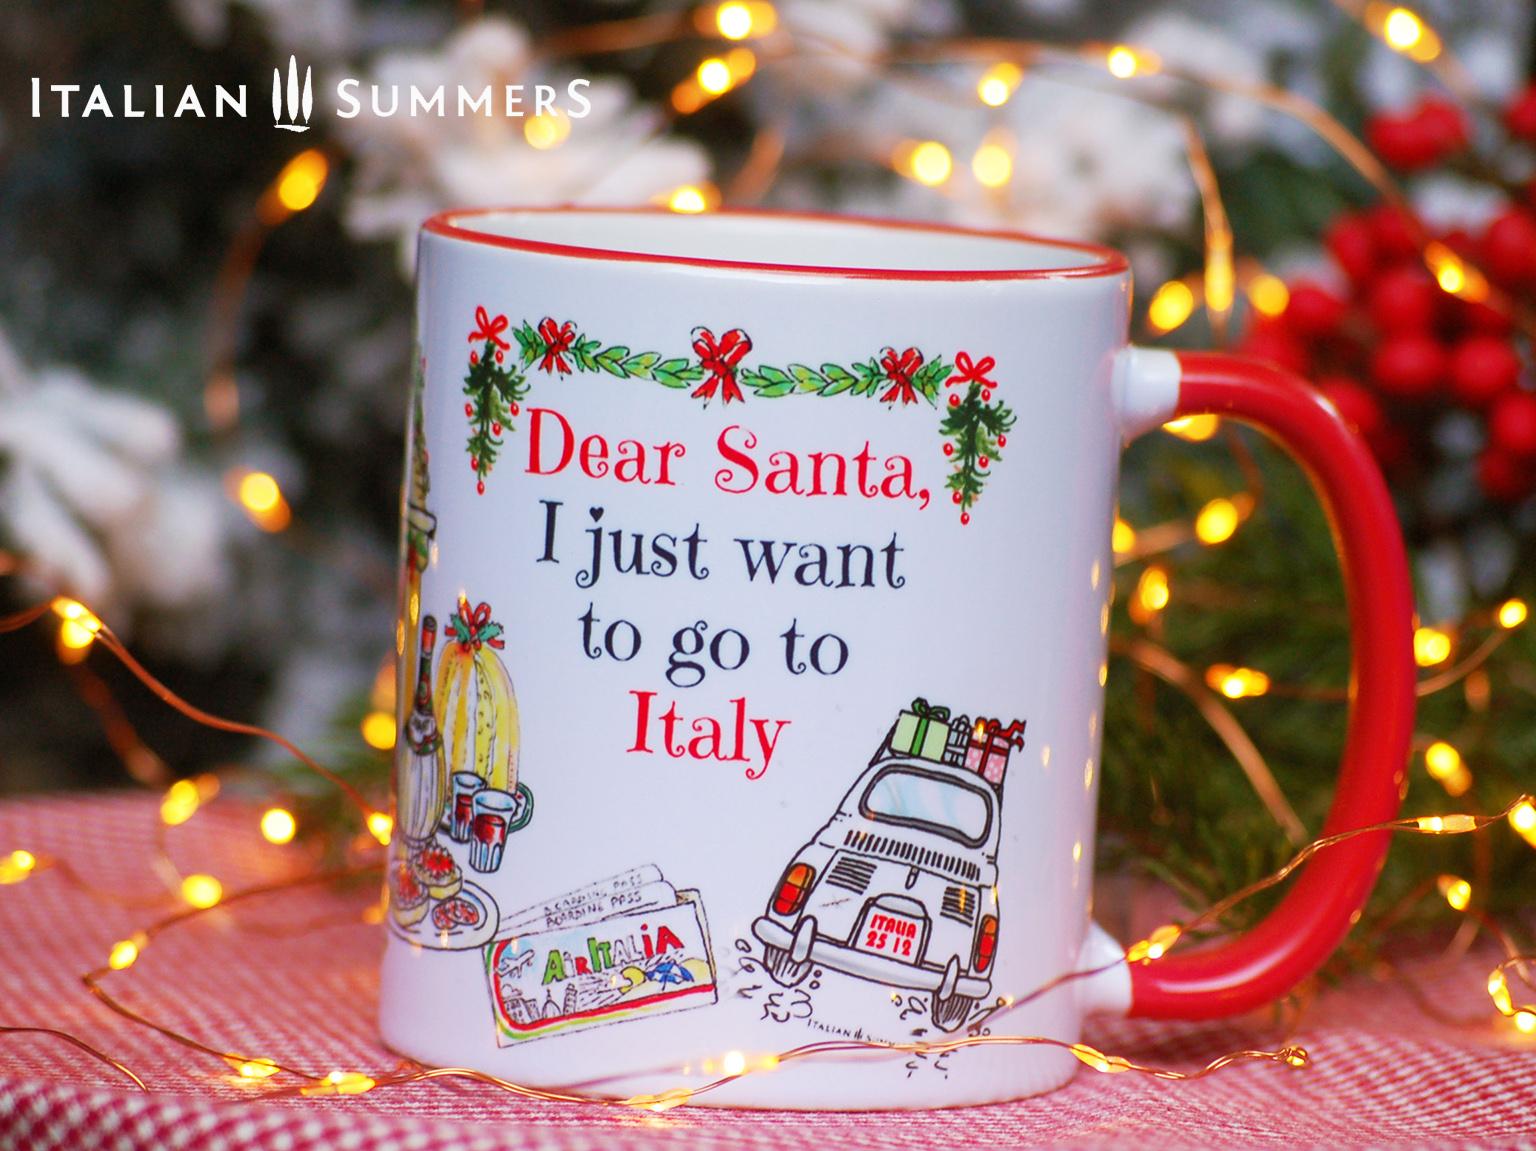 Italian Christmas mug I JUST WANT TO GO TO ITALY by Italian Summers